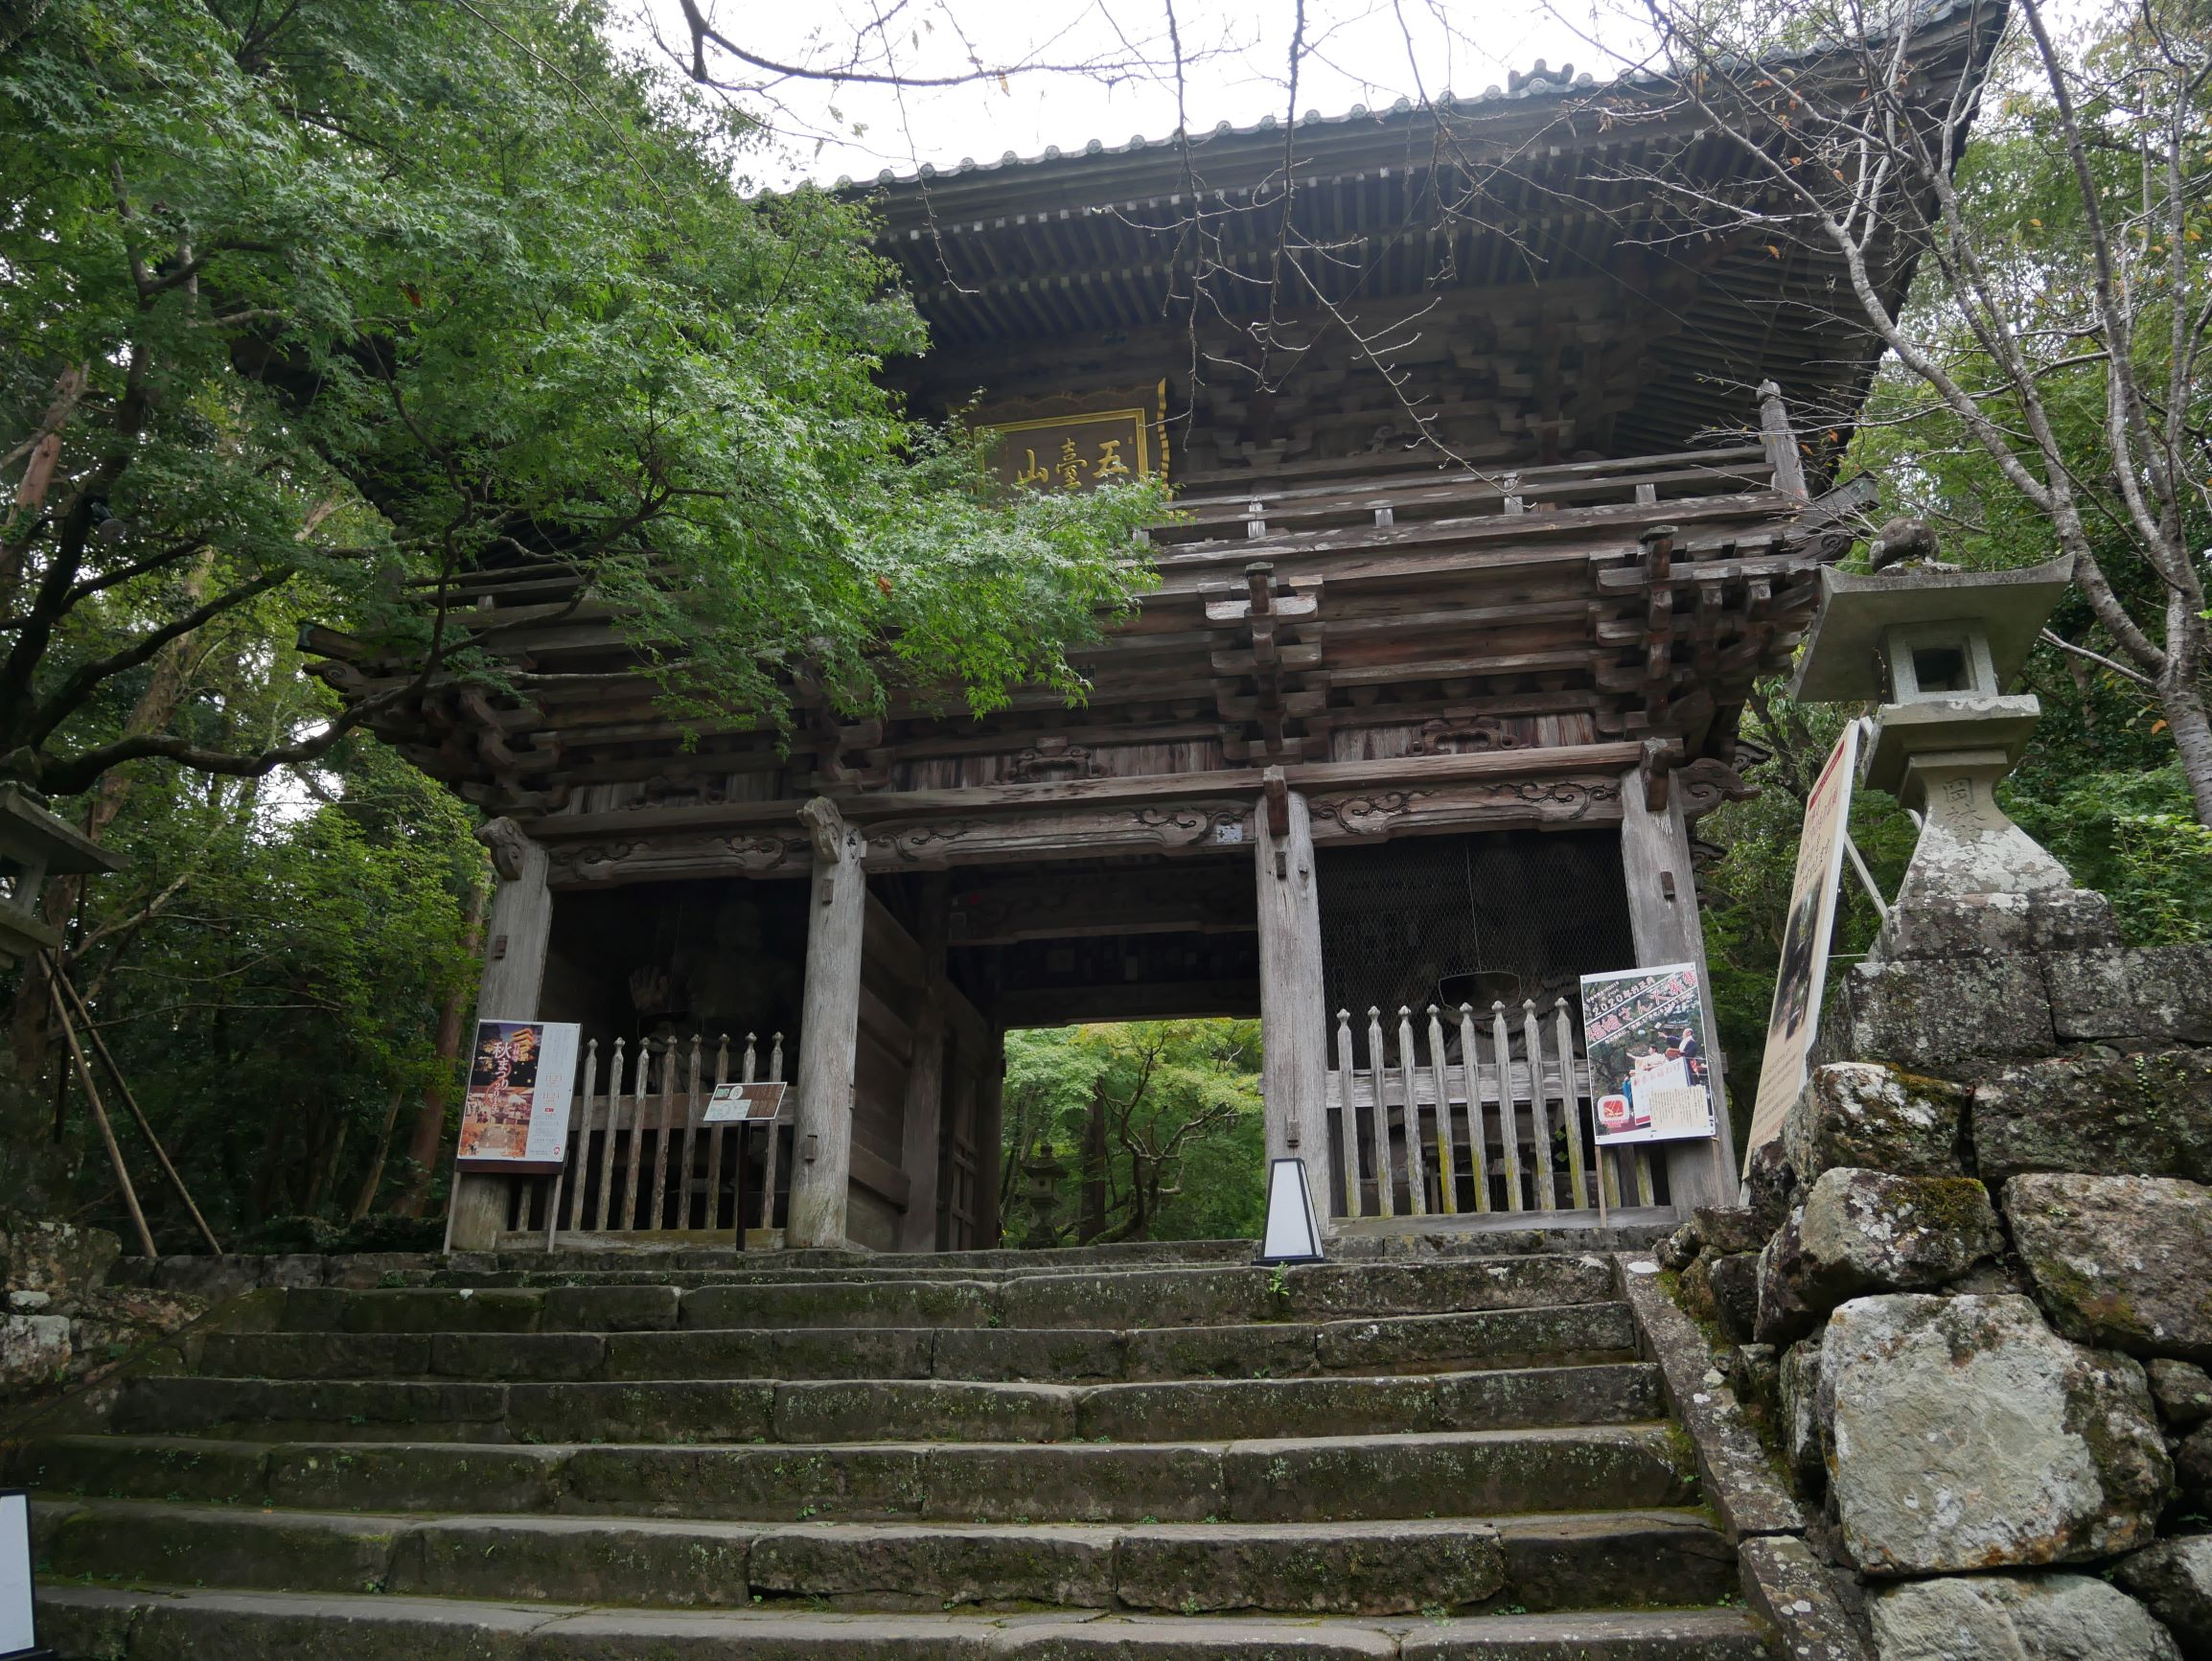 竹林寺在五台山上